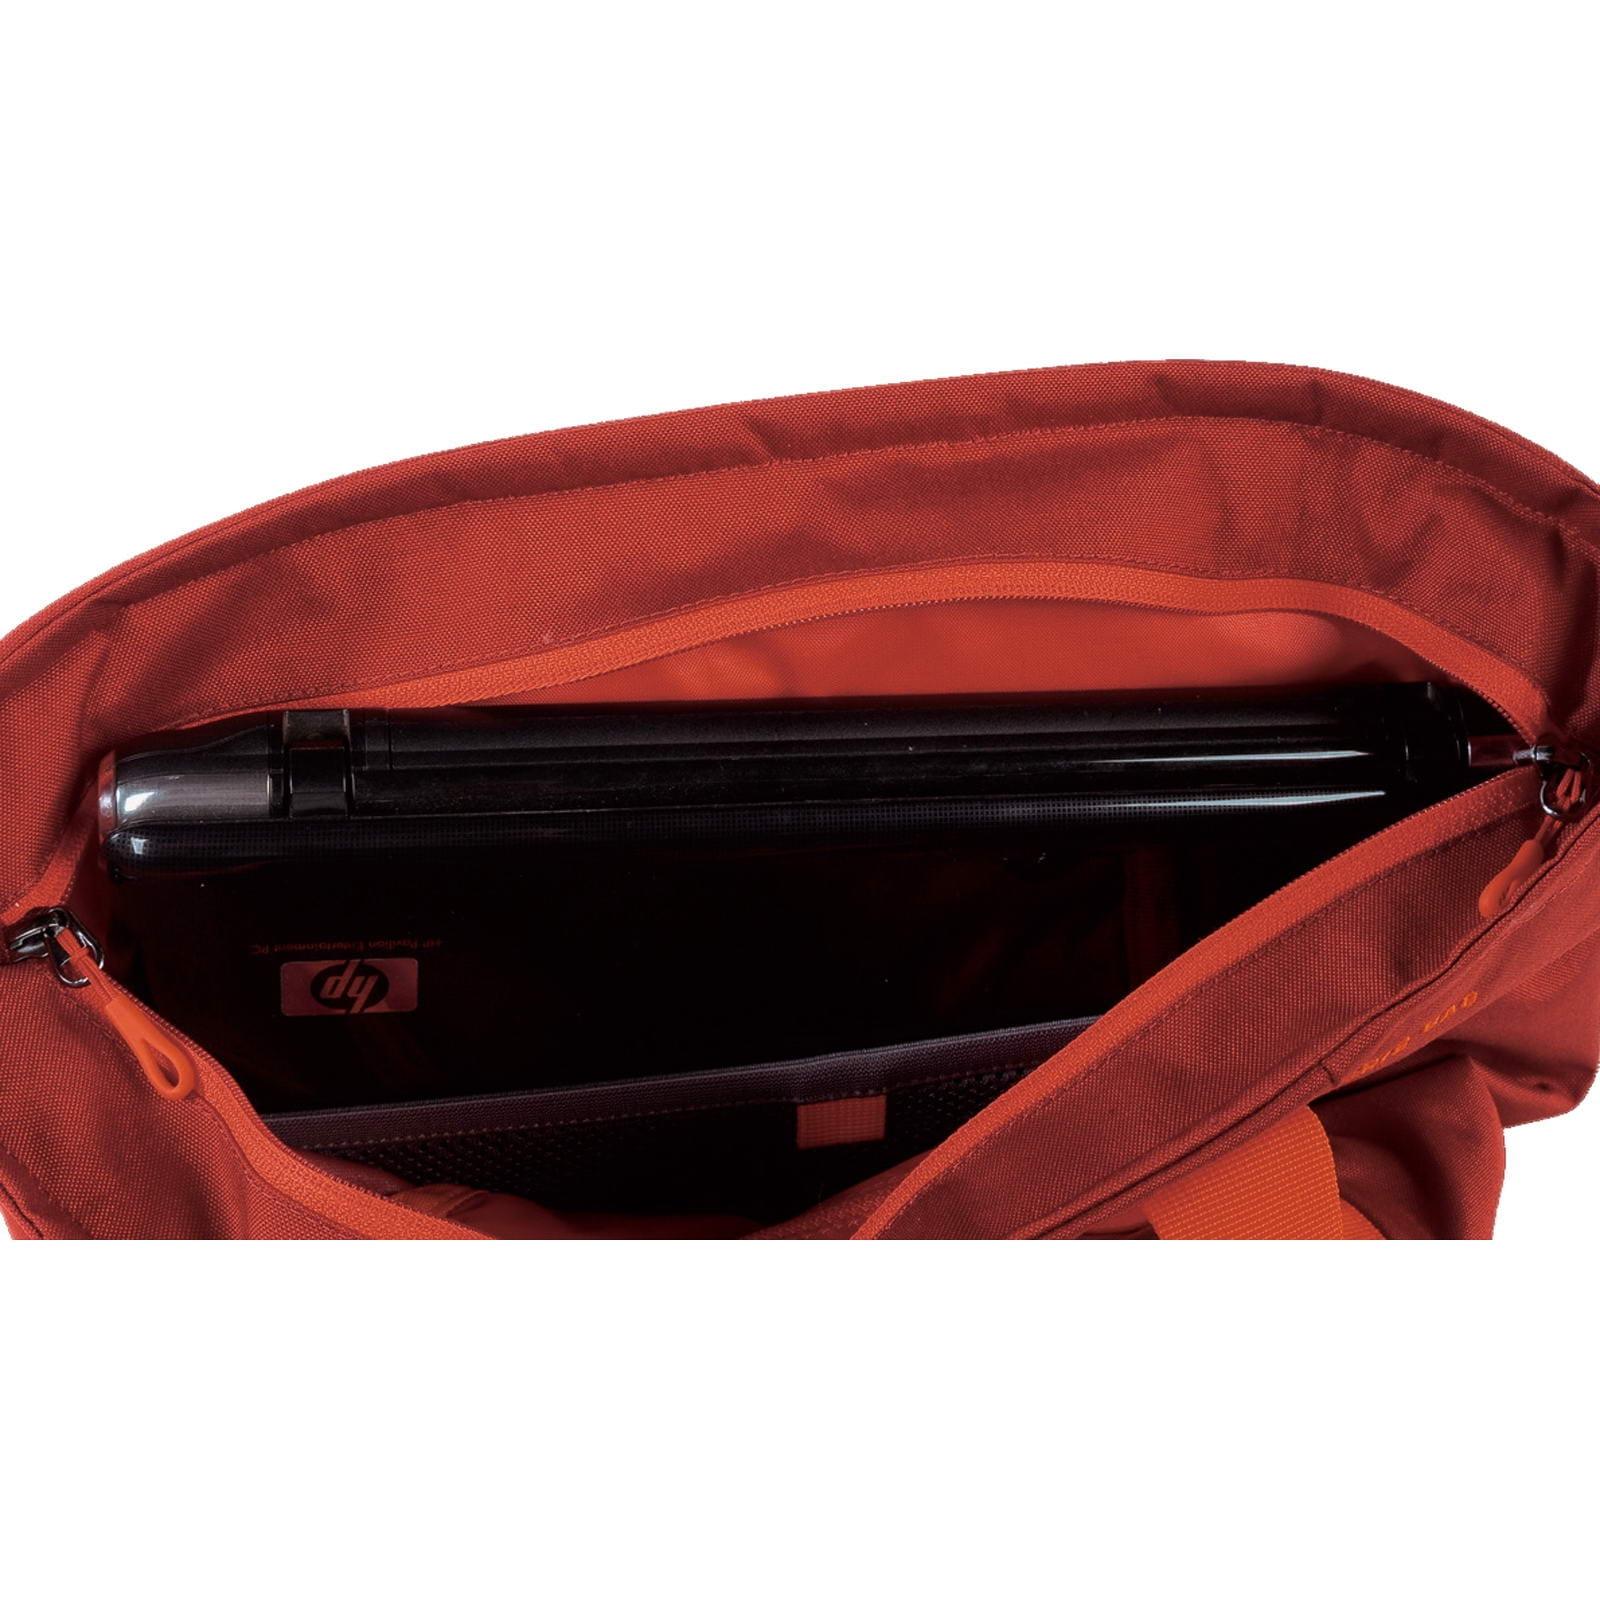 Tatonka Grip Bag - Rucksack-Einkaufstasche - Bild 9